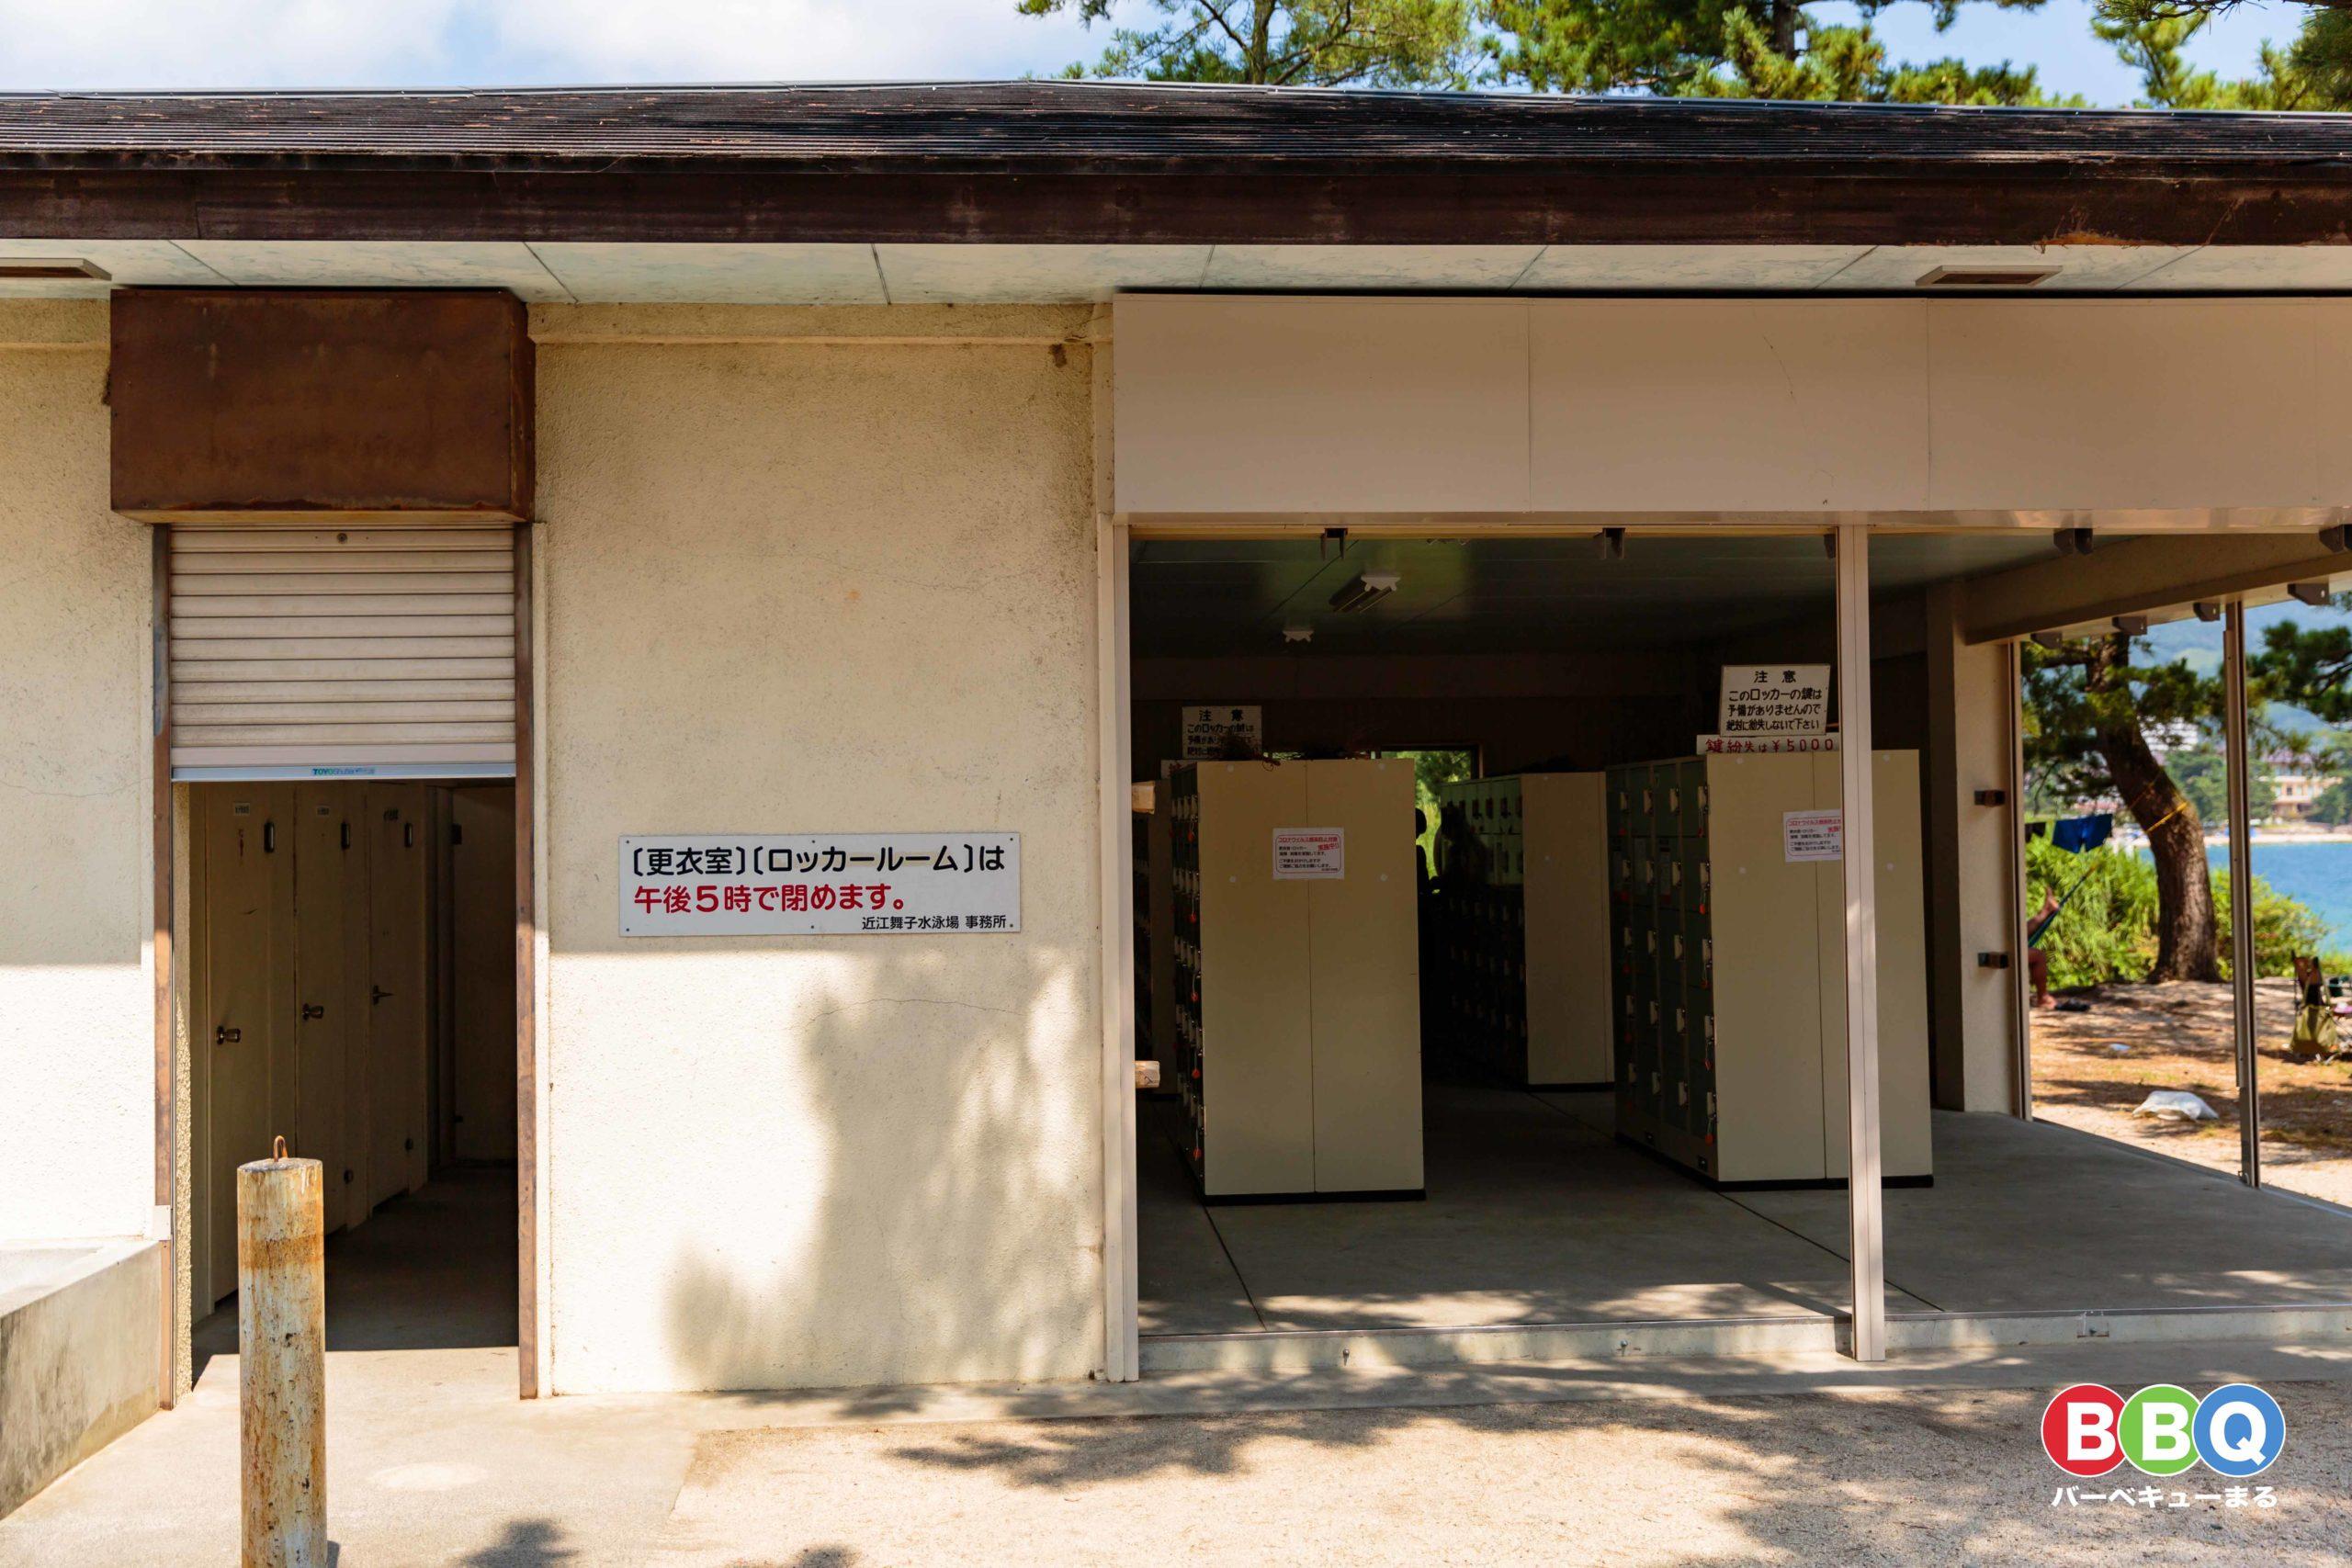 近江舞子中浜水泳場の更衣室